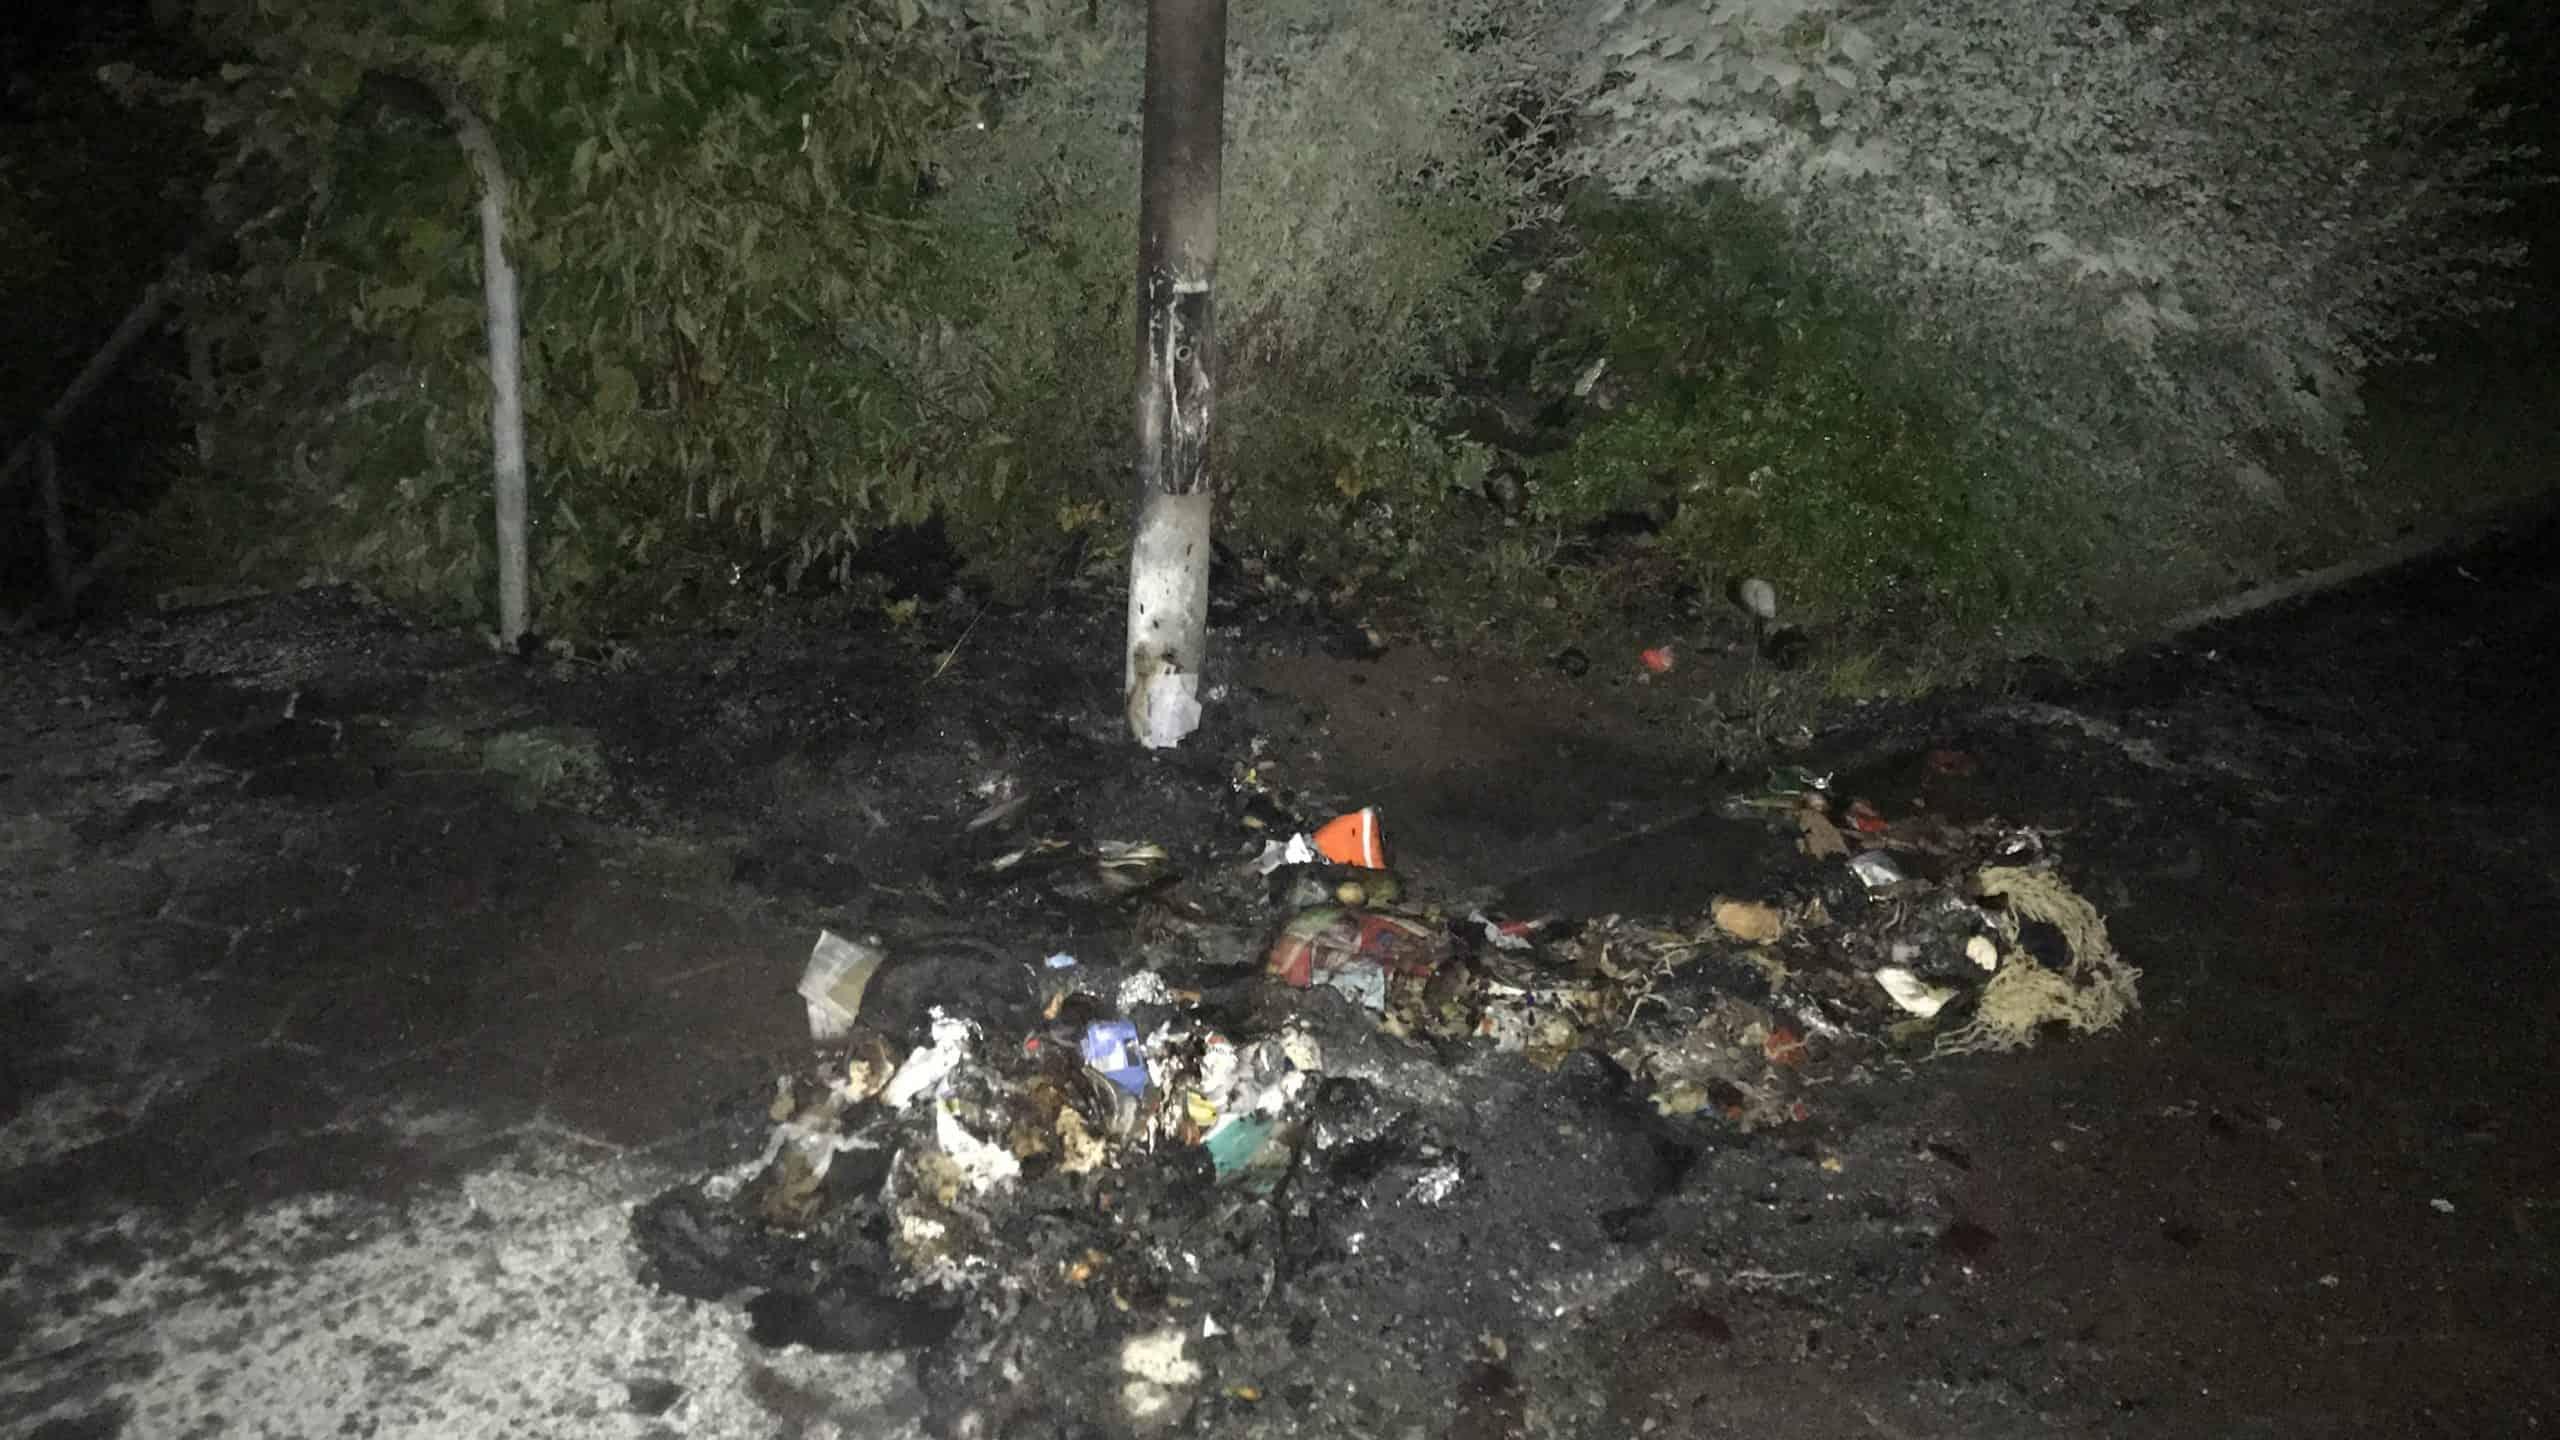 Nächtlicher Sirenenalarm durch brennende Mülltonnen